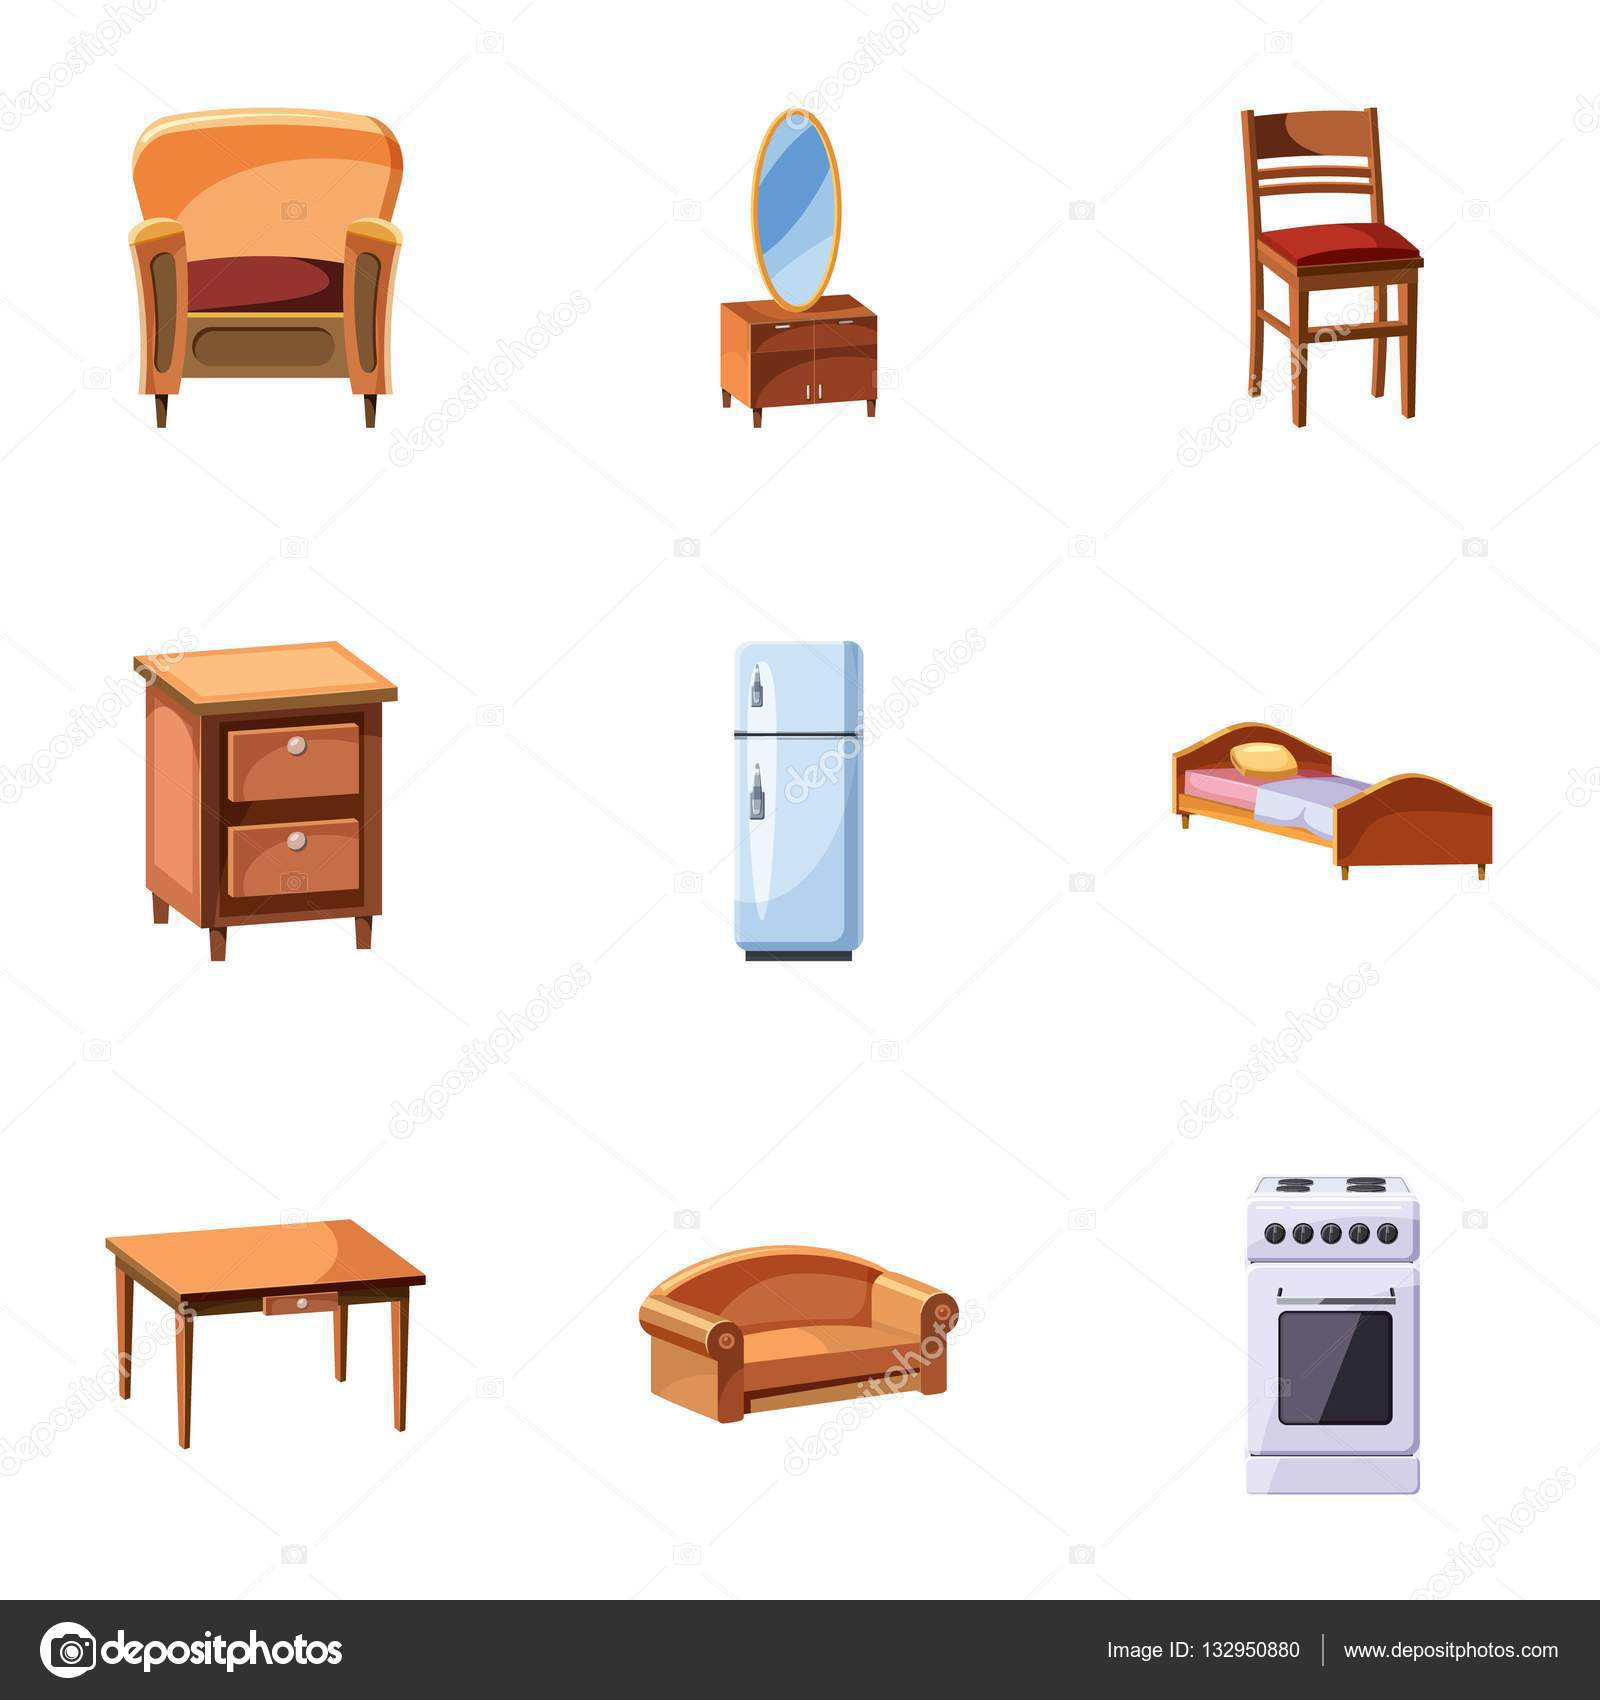 Dorable muebles de dibujos colecci n muebles para ideas for Stock de muebles